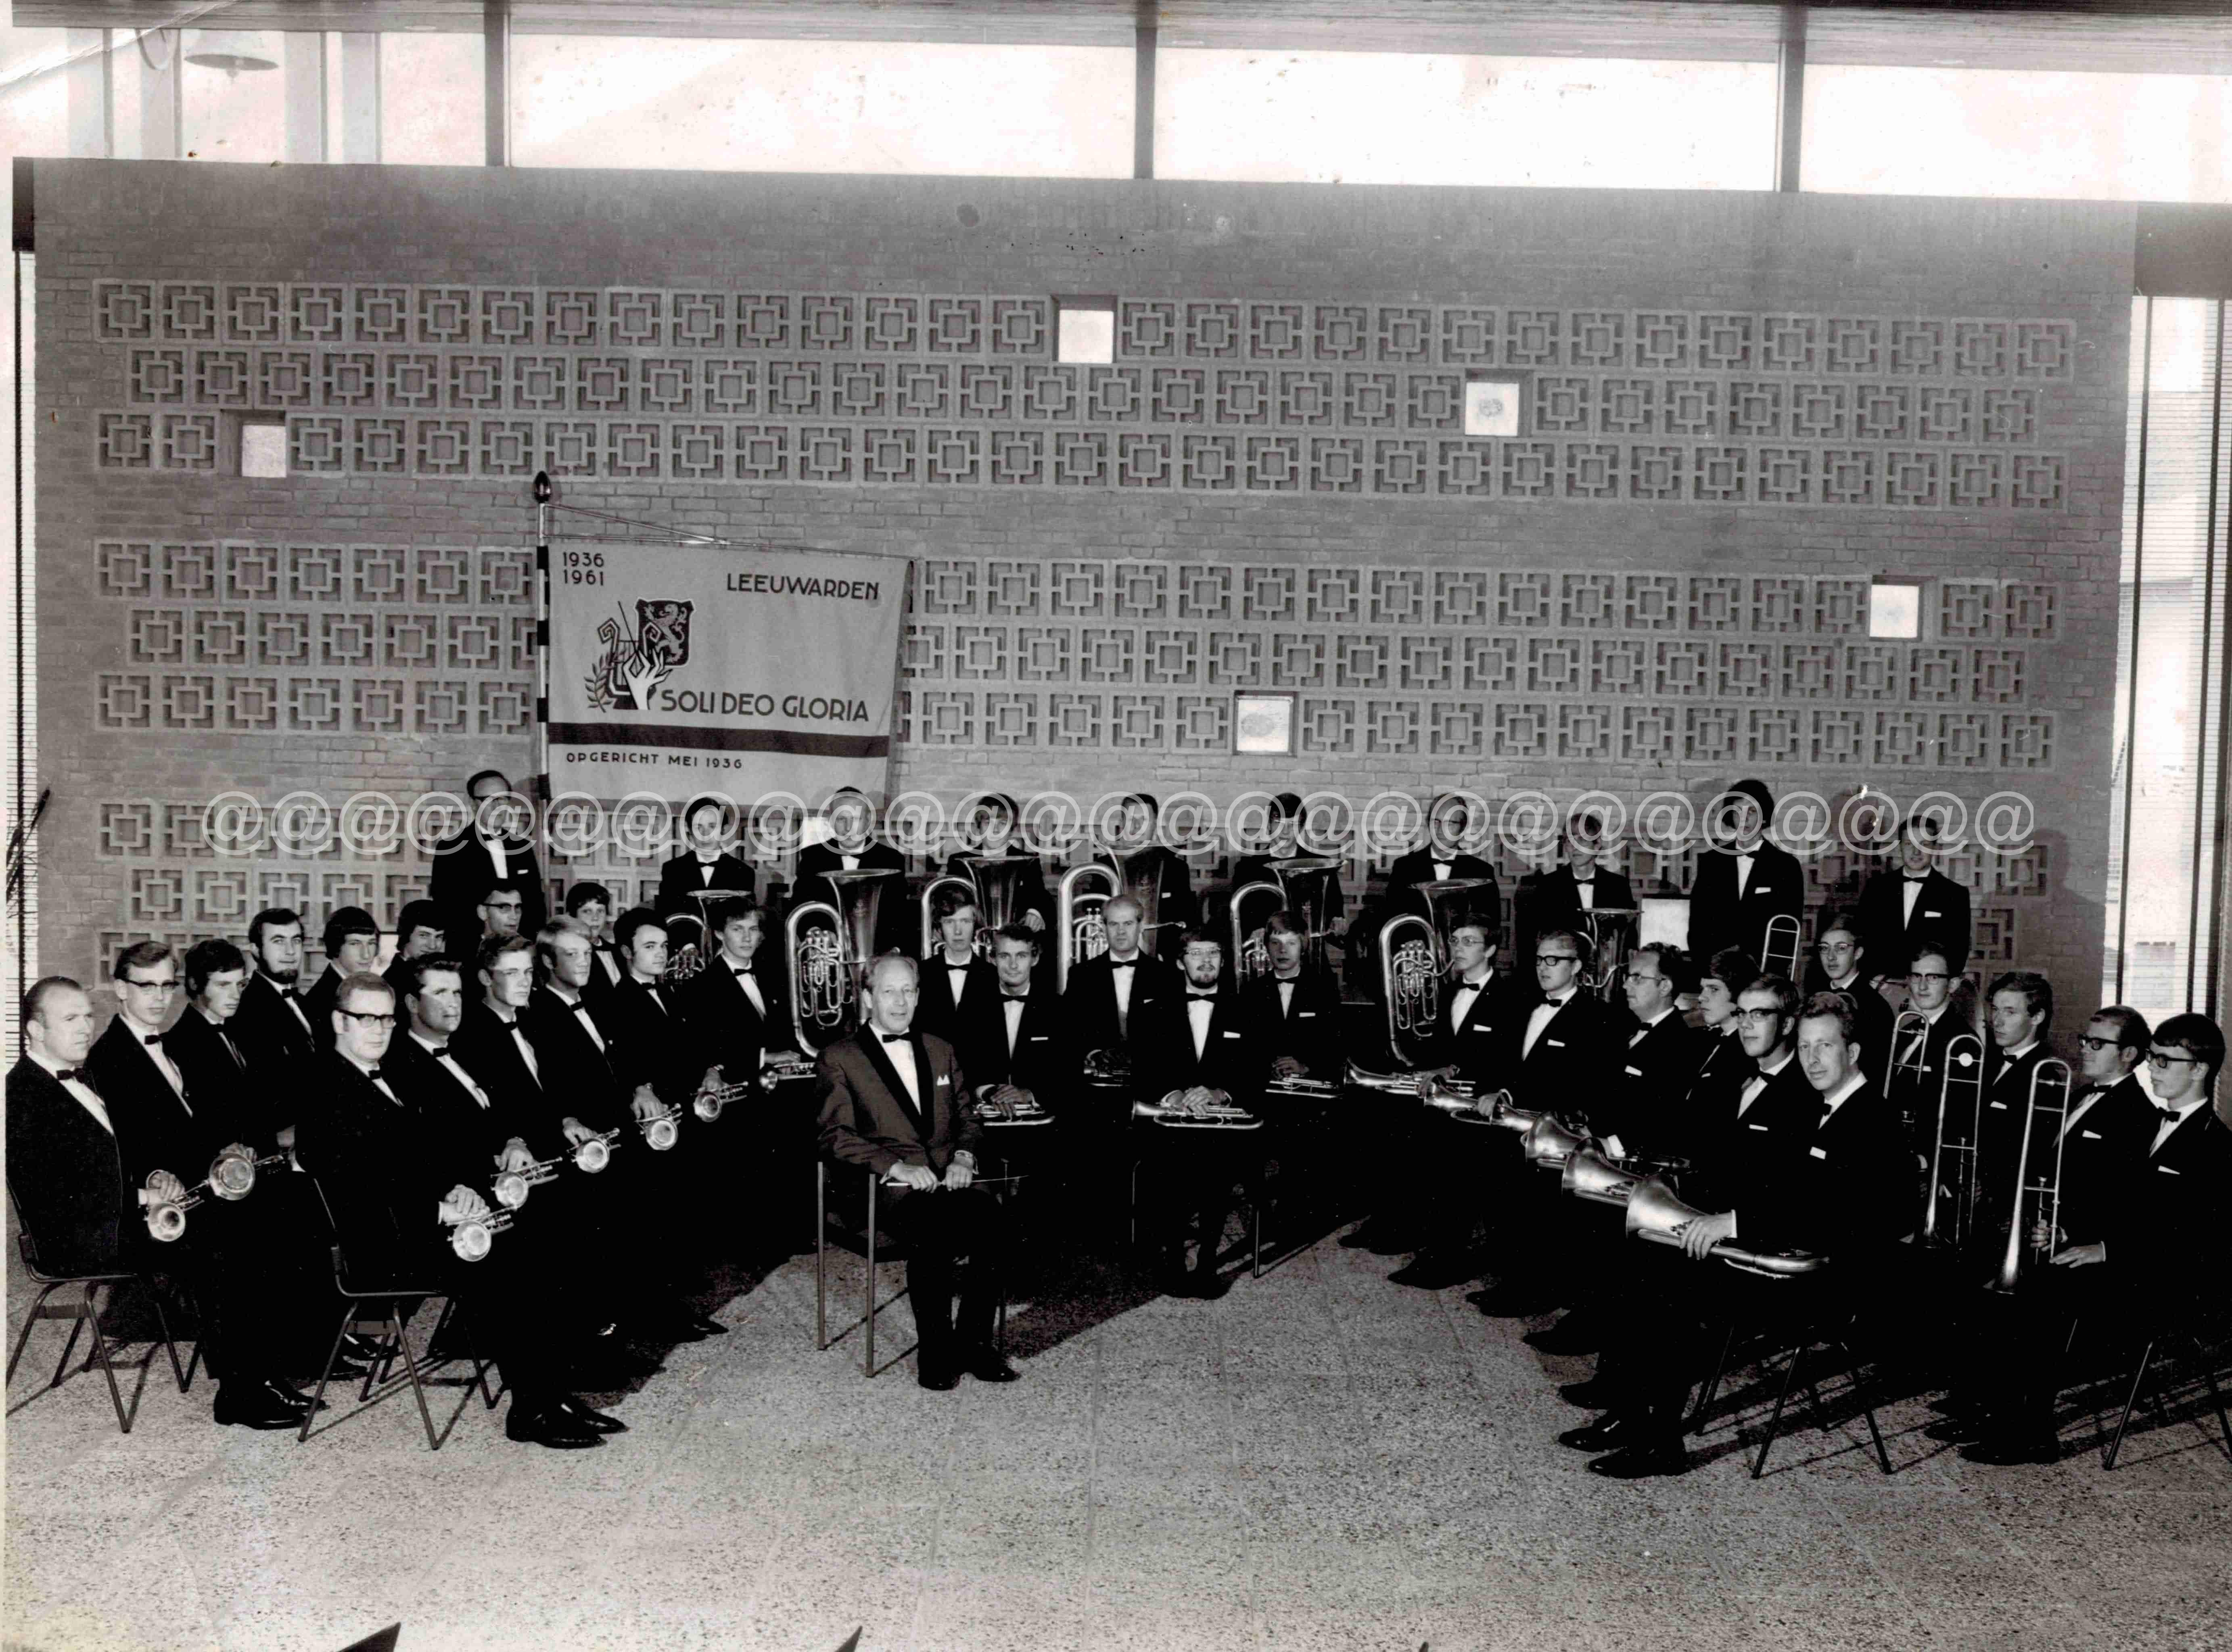 1970 Soli Deo Gloria olv Sjoerd Nieuwland (promofoto Engelandreis)